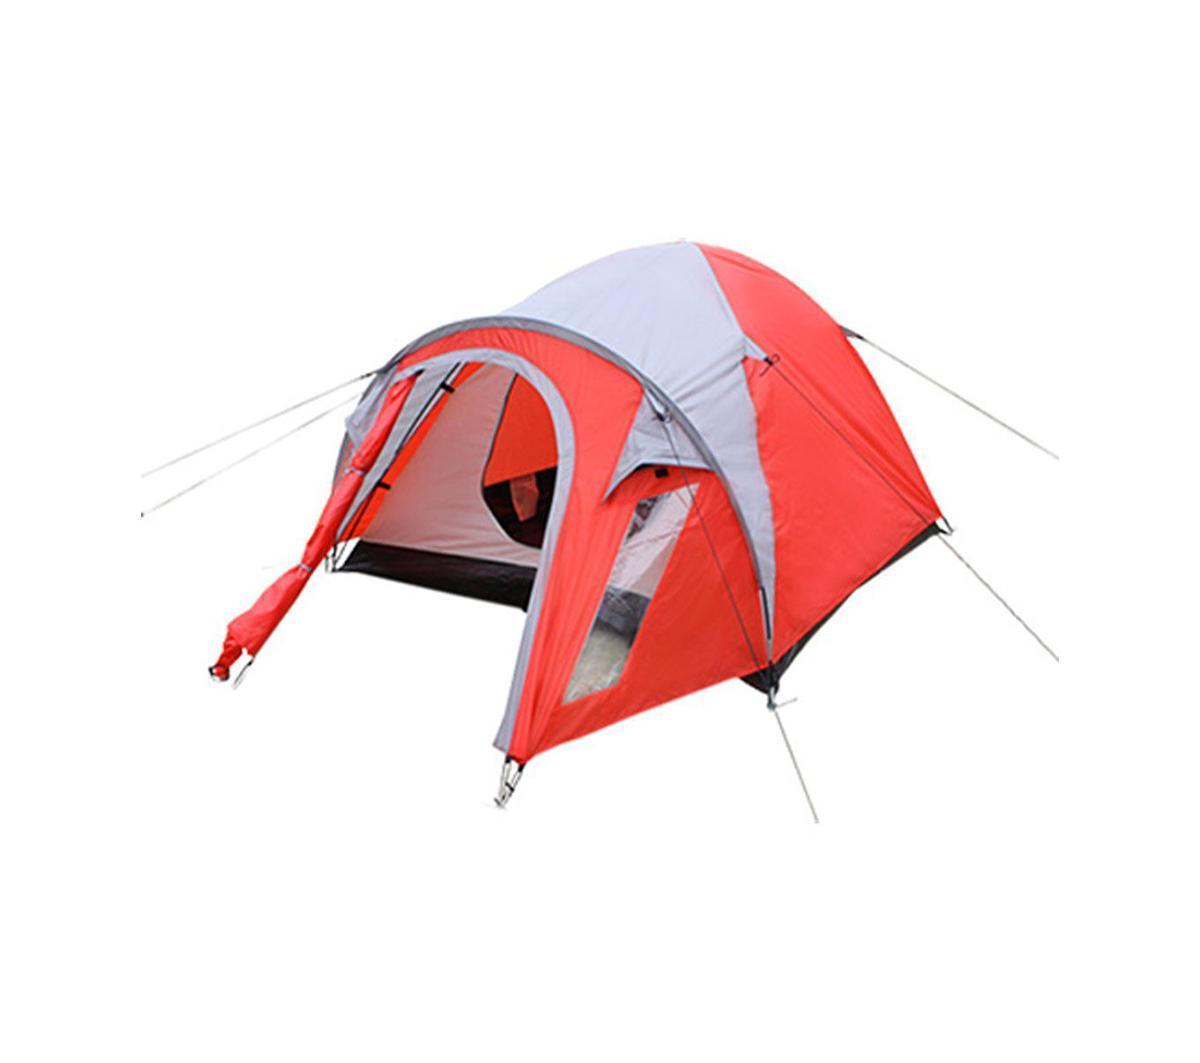 Палатка Happy Camper PL-3P-86213PL-3P-86213Удобная трехместная палатка с большим тамбуром прекрасно подходит для активного отдыха. Противомоскитные сетки защитят от насекомых, а благодаря внутренним карманам все необходимые вещи всегда будут под рукой. Внутренний тент можно устанавливать отдельно.Особенности:Проклеенные швы;Два вентиляционных отверстия. Характеристики: Размер палатки в разложенном виде (ДхШхВ): 290 см х 180 см х 125 см. Наружный тент:190T полиэстер. Внутренняя палатка: 190T полиэстер. Дно: 120GSM полиэтилен. Каркас:дуги из фибергласа диаметром 7,9 мм. Вес:3300 г. Размер в сложенном виде: 57 см х 13 см х 13 см.